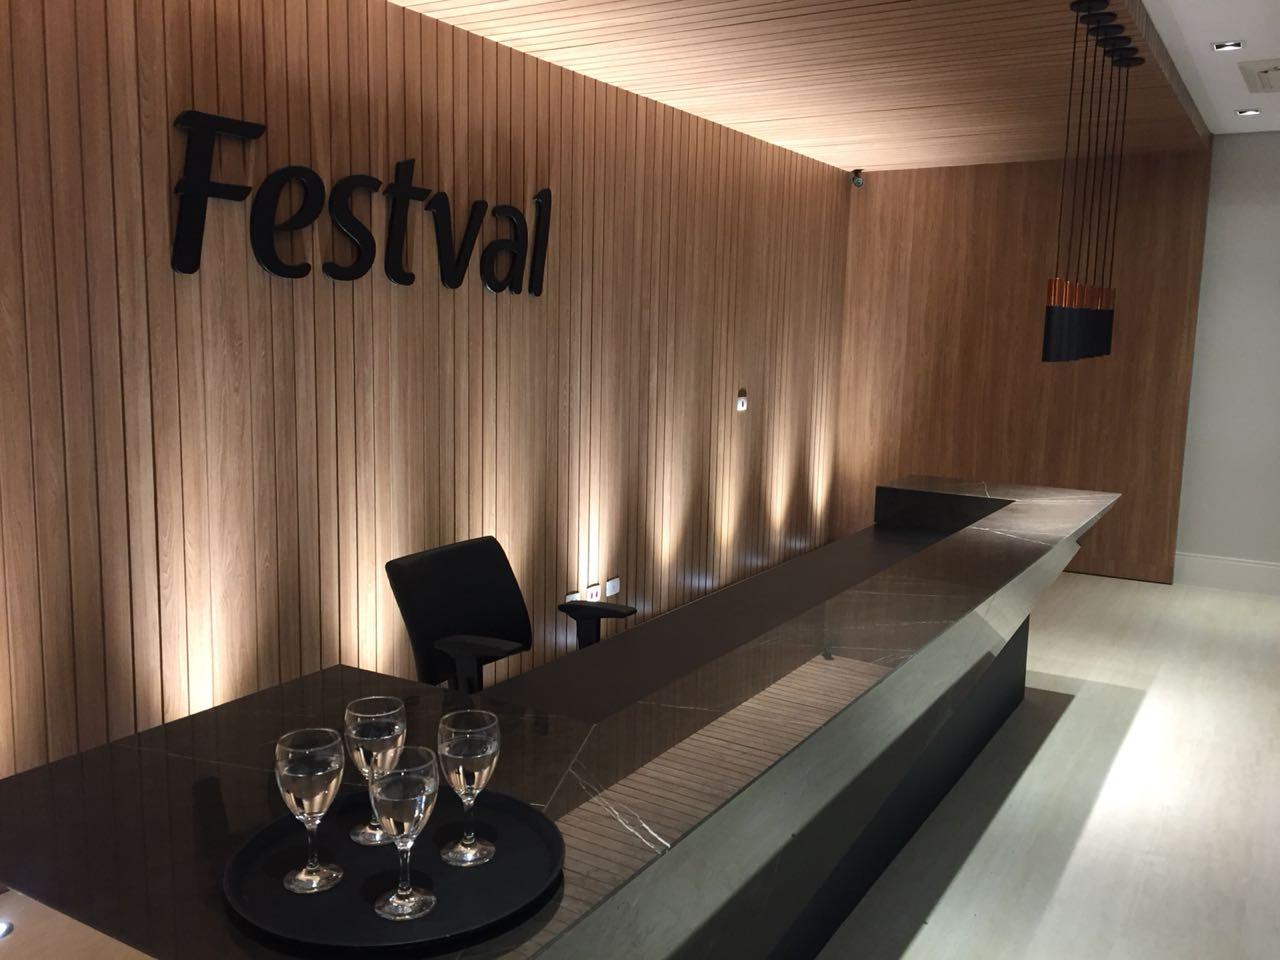 Inauguração do Novo Centro de Distribuição Festval – Beal